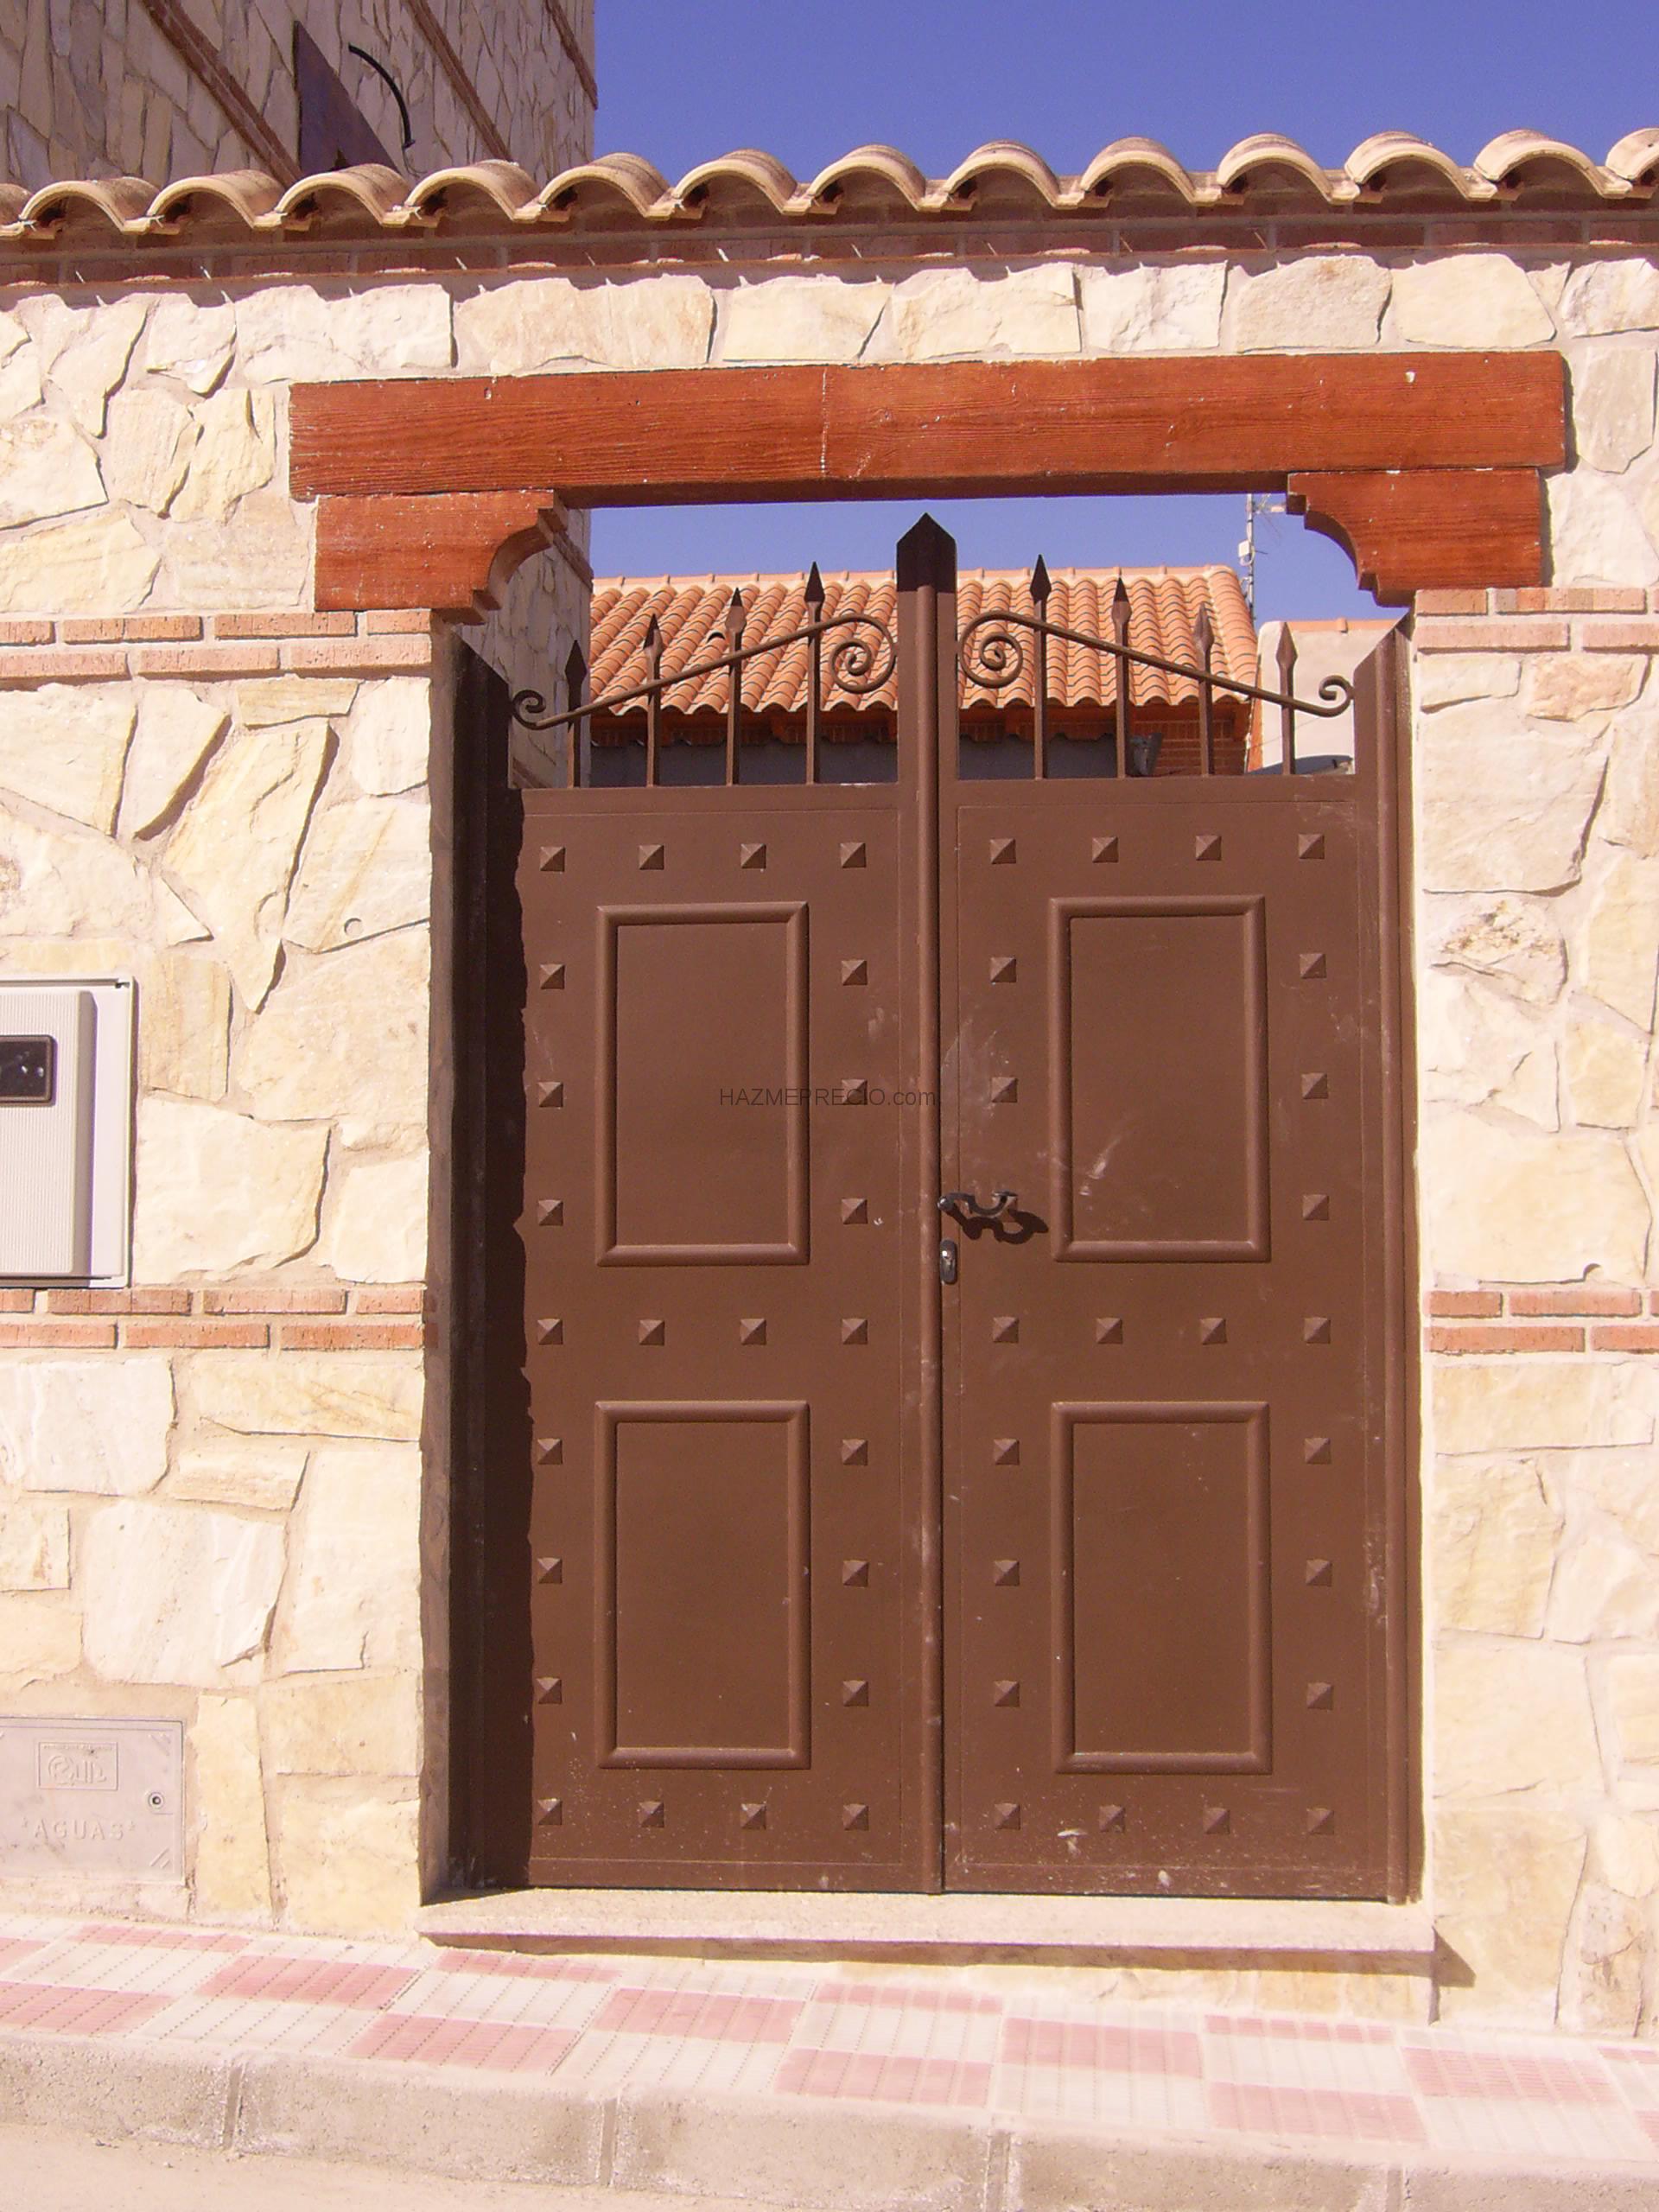 Empresas de puertas metalicas en madrid for Puertas metalicas